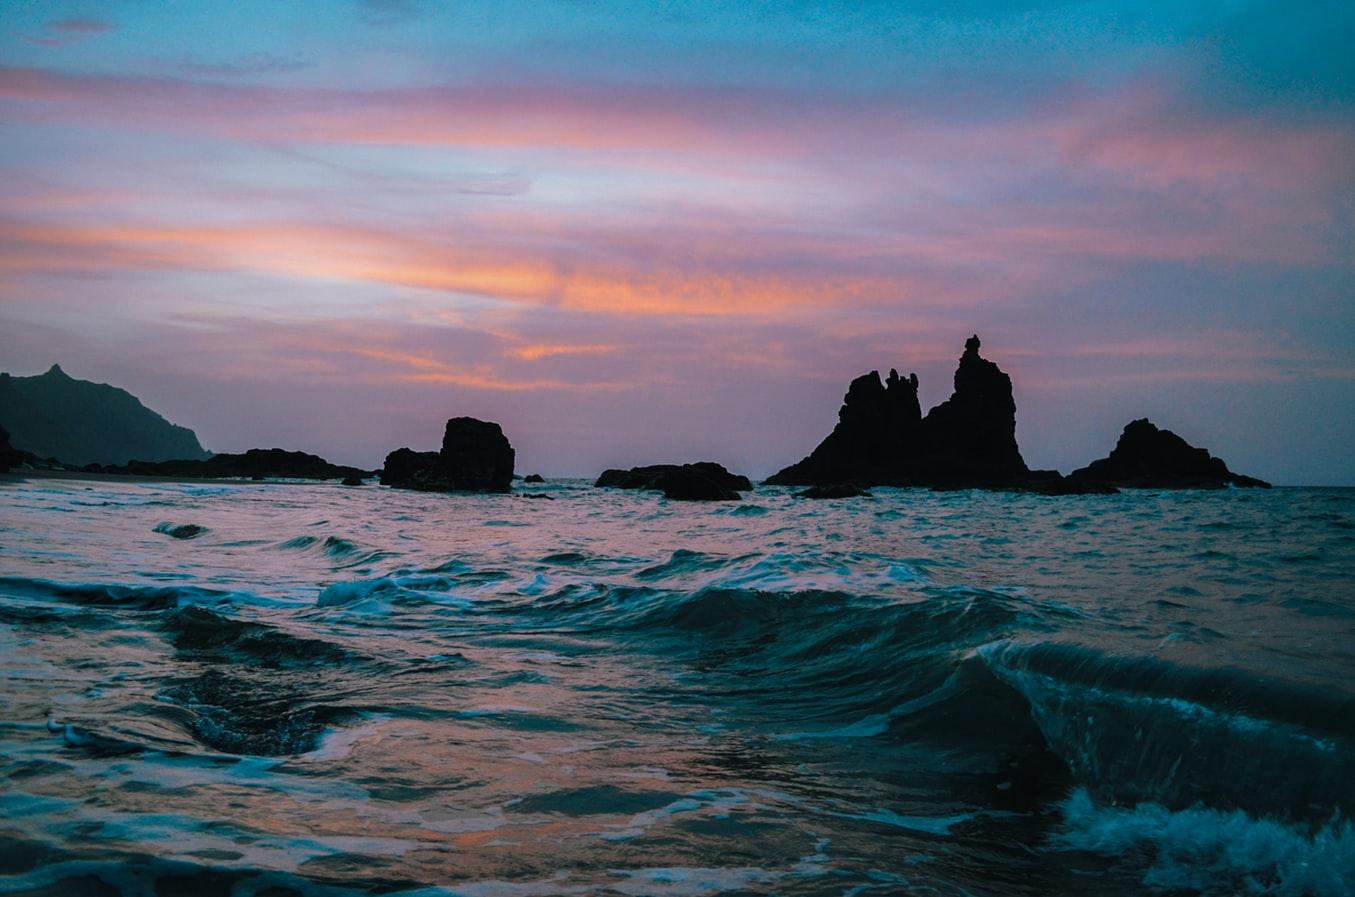 Urlaub-auf-den-Kanaren-Sonnenuntergang